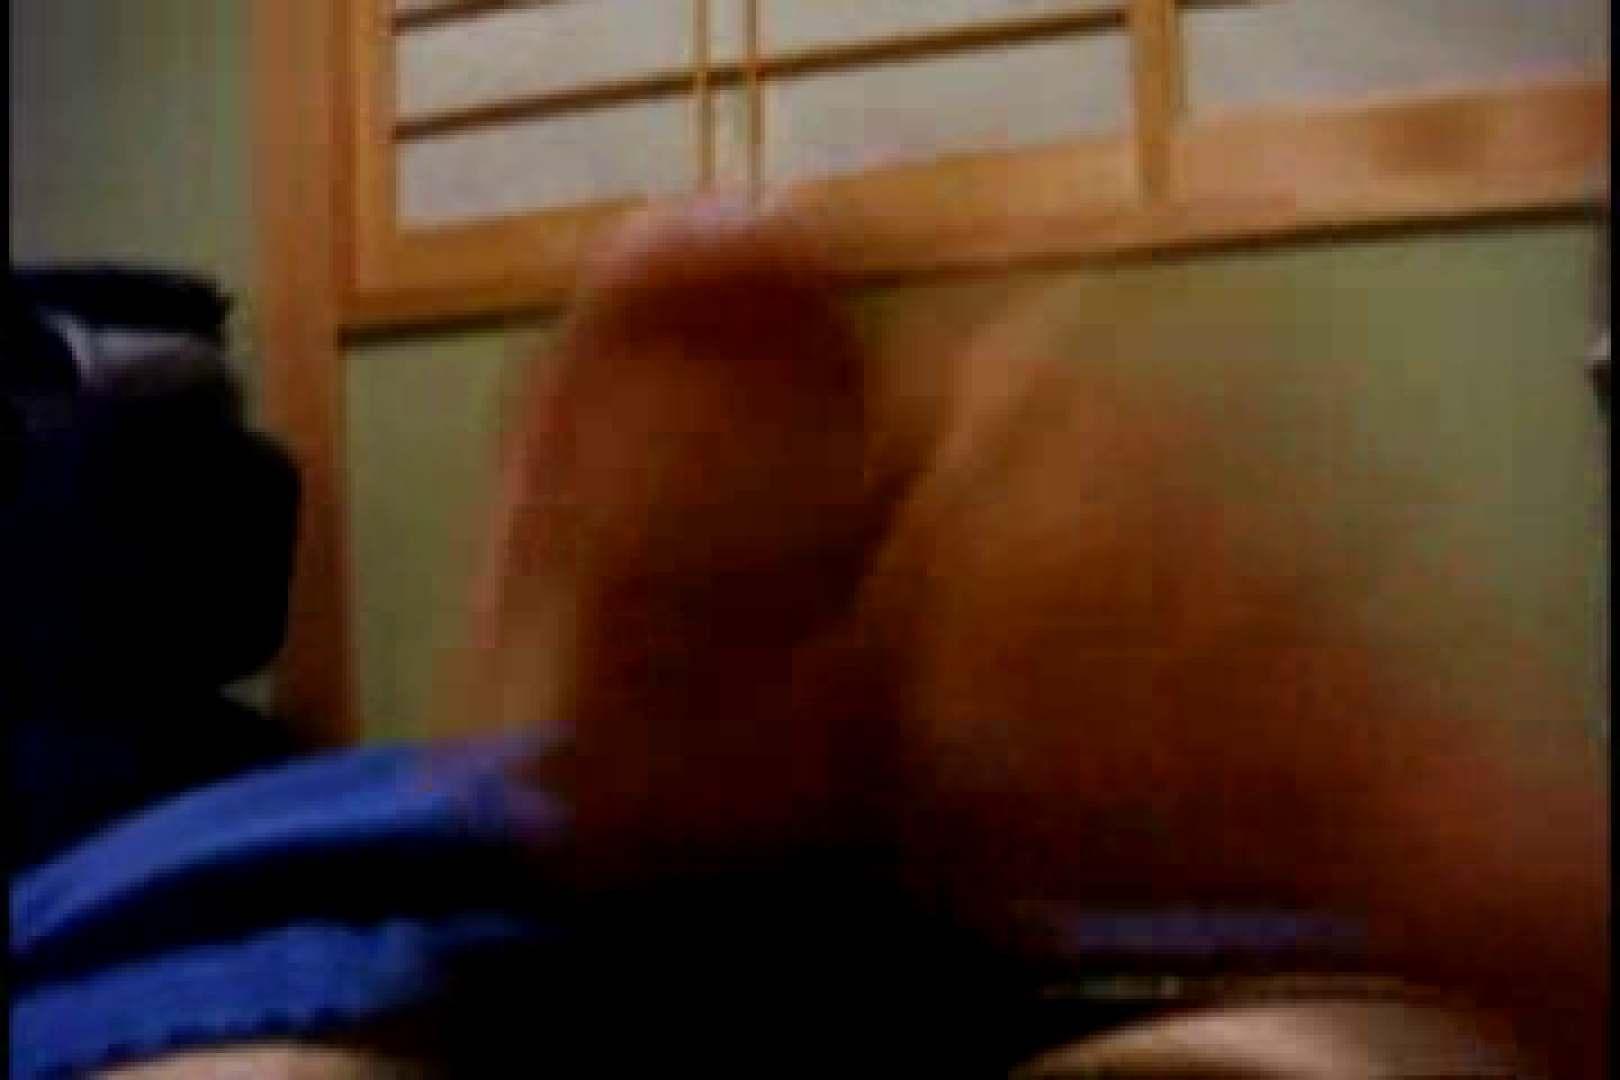 オナ好きノンケテニス部員の自画撮り投稿vol.02 ノンケまつり ゲイエロビデオ画像 77枚 64